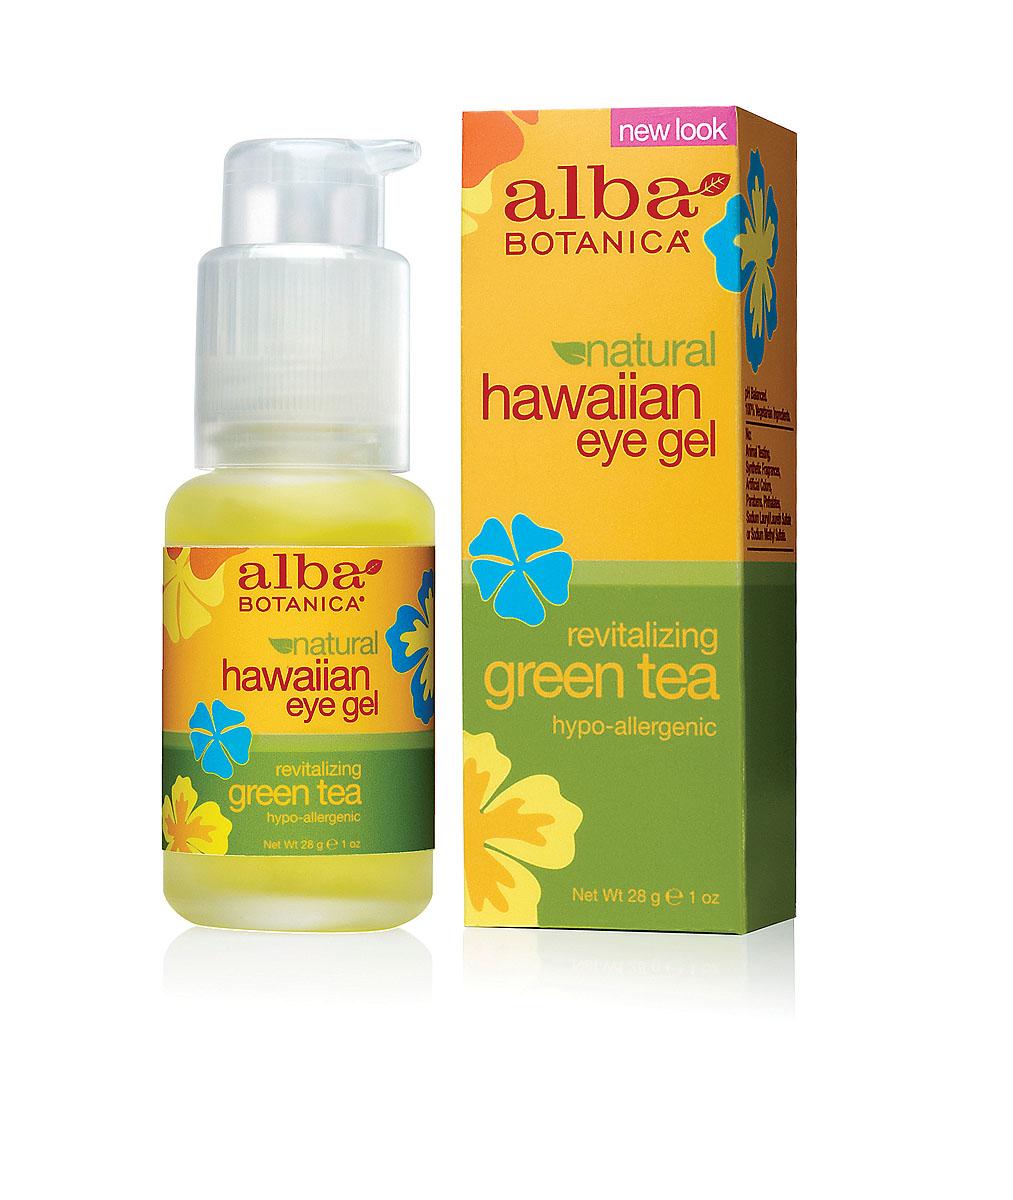 Alba Botanica Гель с зеленым чаем, для кожи вокруг глаз, 28 гAL00816Легкое, гелевое средство Alba Botanica для кожи вокруг глаз предотвращает старение. Содержит антиоксиданты и увлажняющие компоненты, защищающие тонкую нежную кожу. Успокаивает, снимает покраснения и увеличивает эластичность кожи. Характеристики:Вес: 28 г. Артикул: AL00816. Производитель: США. Товар сертифицирован.Состав: вода, сок алое вера, глицерин, экстракт зеленого чая, экстракт огурца, аллантоин, гидролизированый протеин сои, магнезиум аскорбил фосфат, пантенол, рибофлавин, карбомер, экстракт папаи, экстракт ромашки, экстракт ламинарии, экстракт спирулины, экстракт авапухи, феноксиэтанол, этилгексилглицерин.